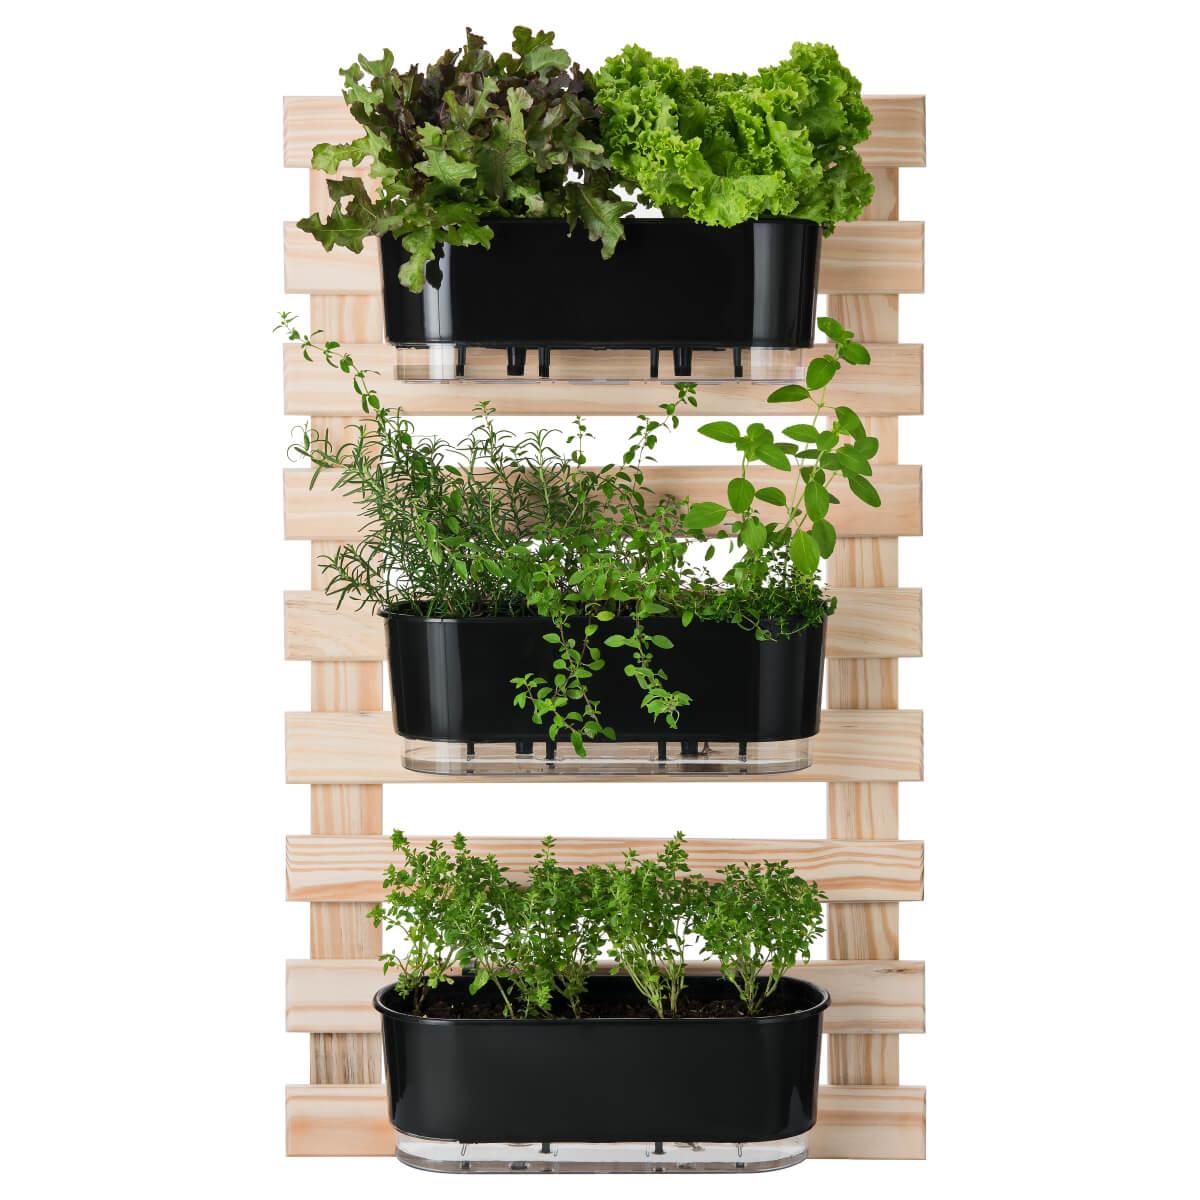 Kit Horta Vertical 60cm x 100cm com 3 Jardineiras Pretas  - Loja Raiz